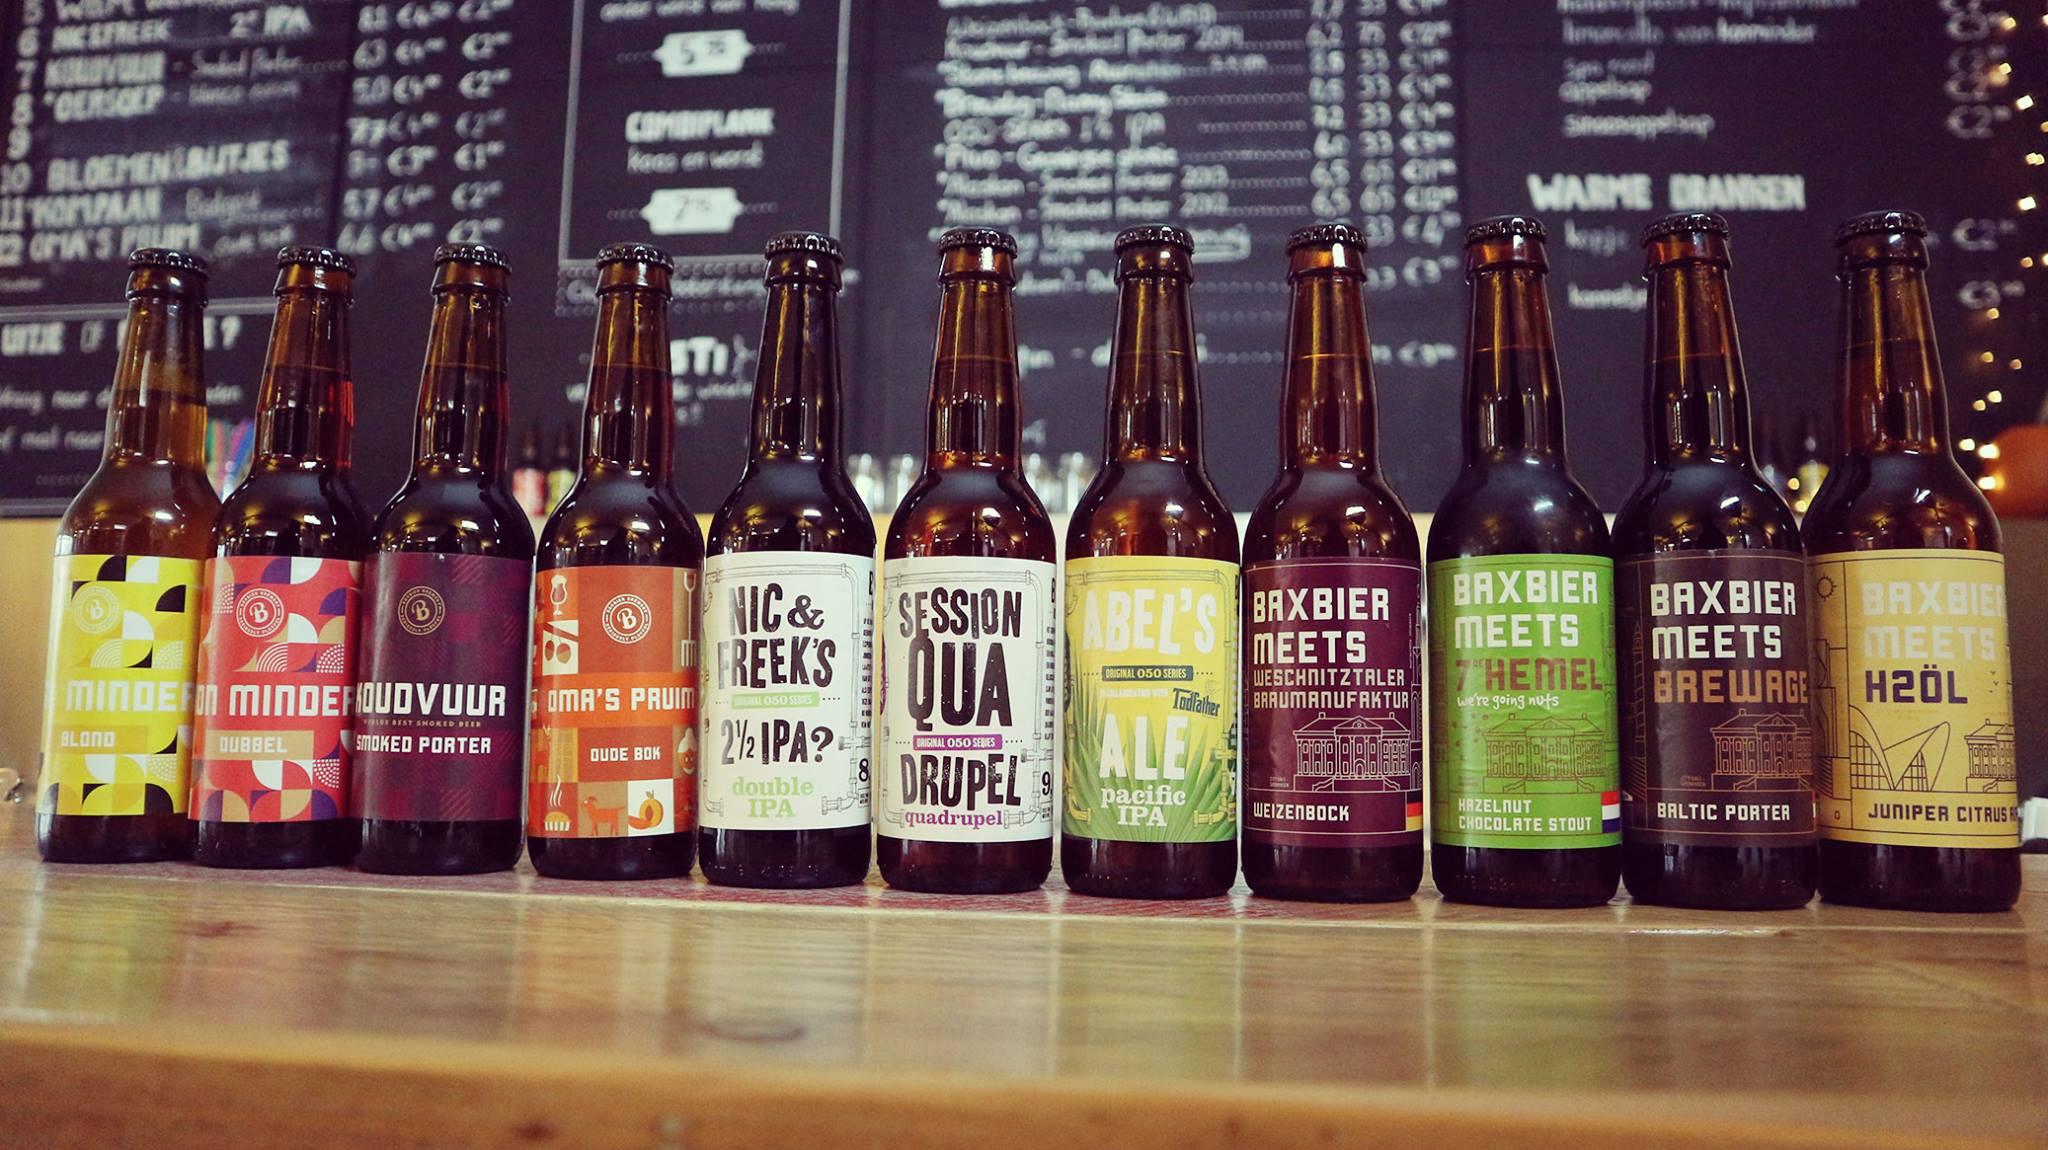 Baxbier brouwerij in Groningen